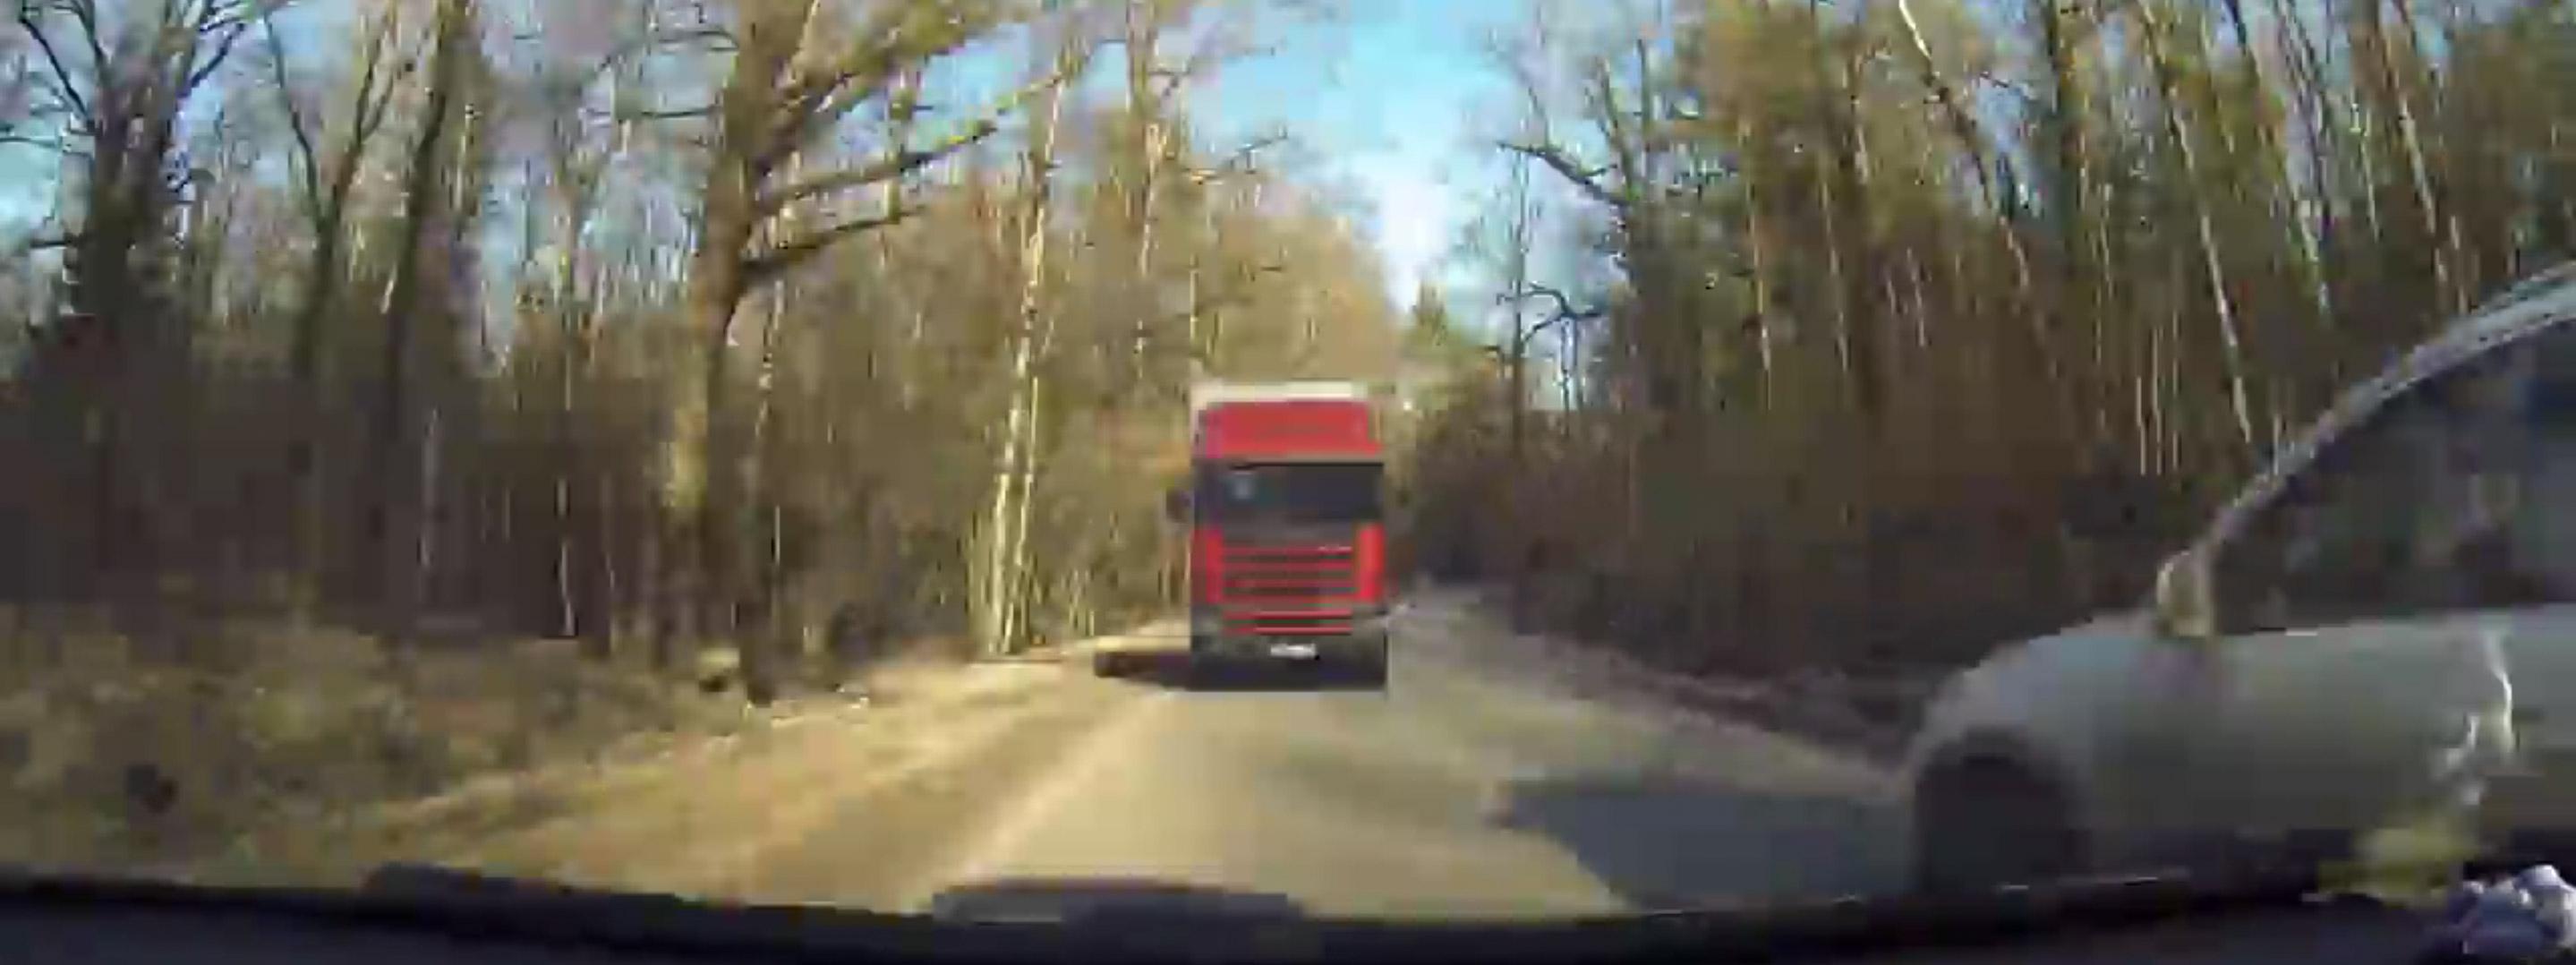 """Youtube-Spielerei: Mit """"Fast-Forward"""" in einen Autounfall verwickelt werden"""